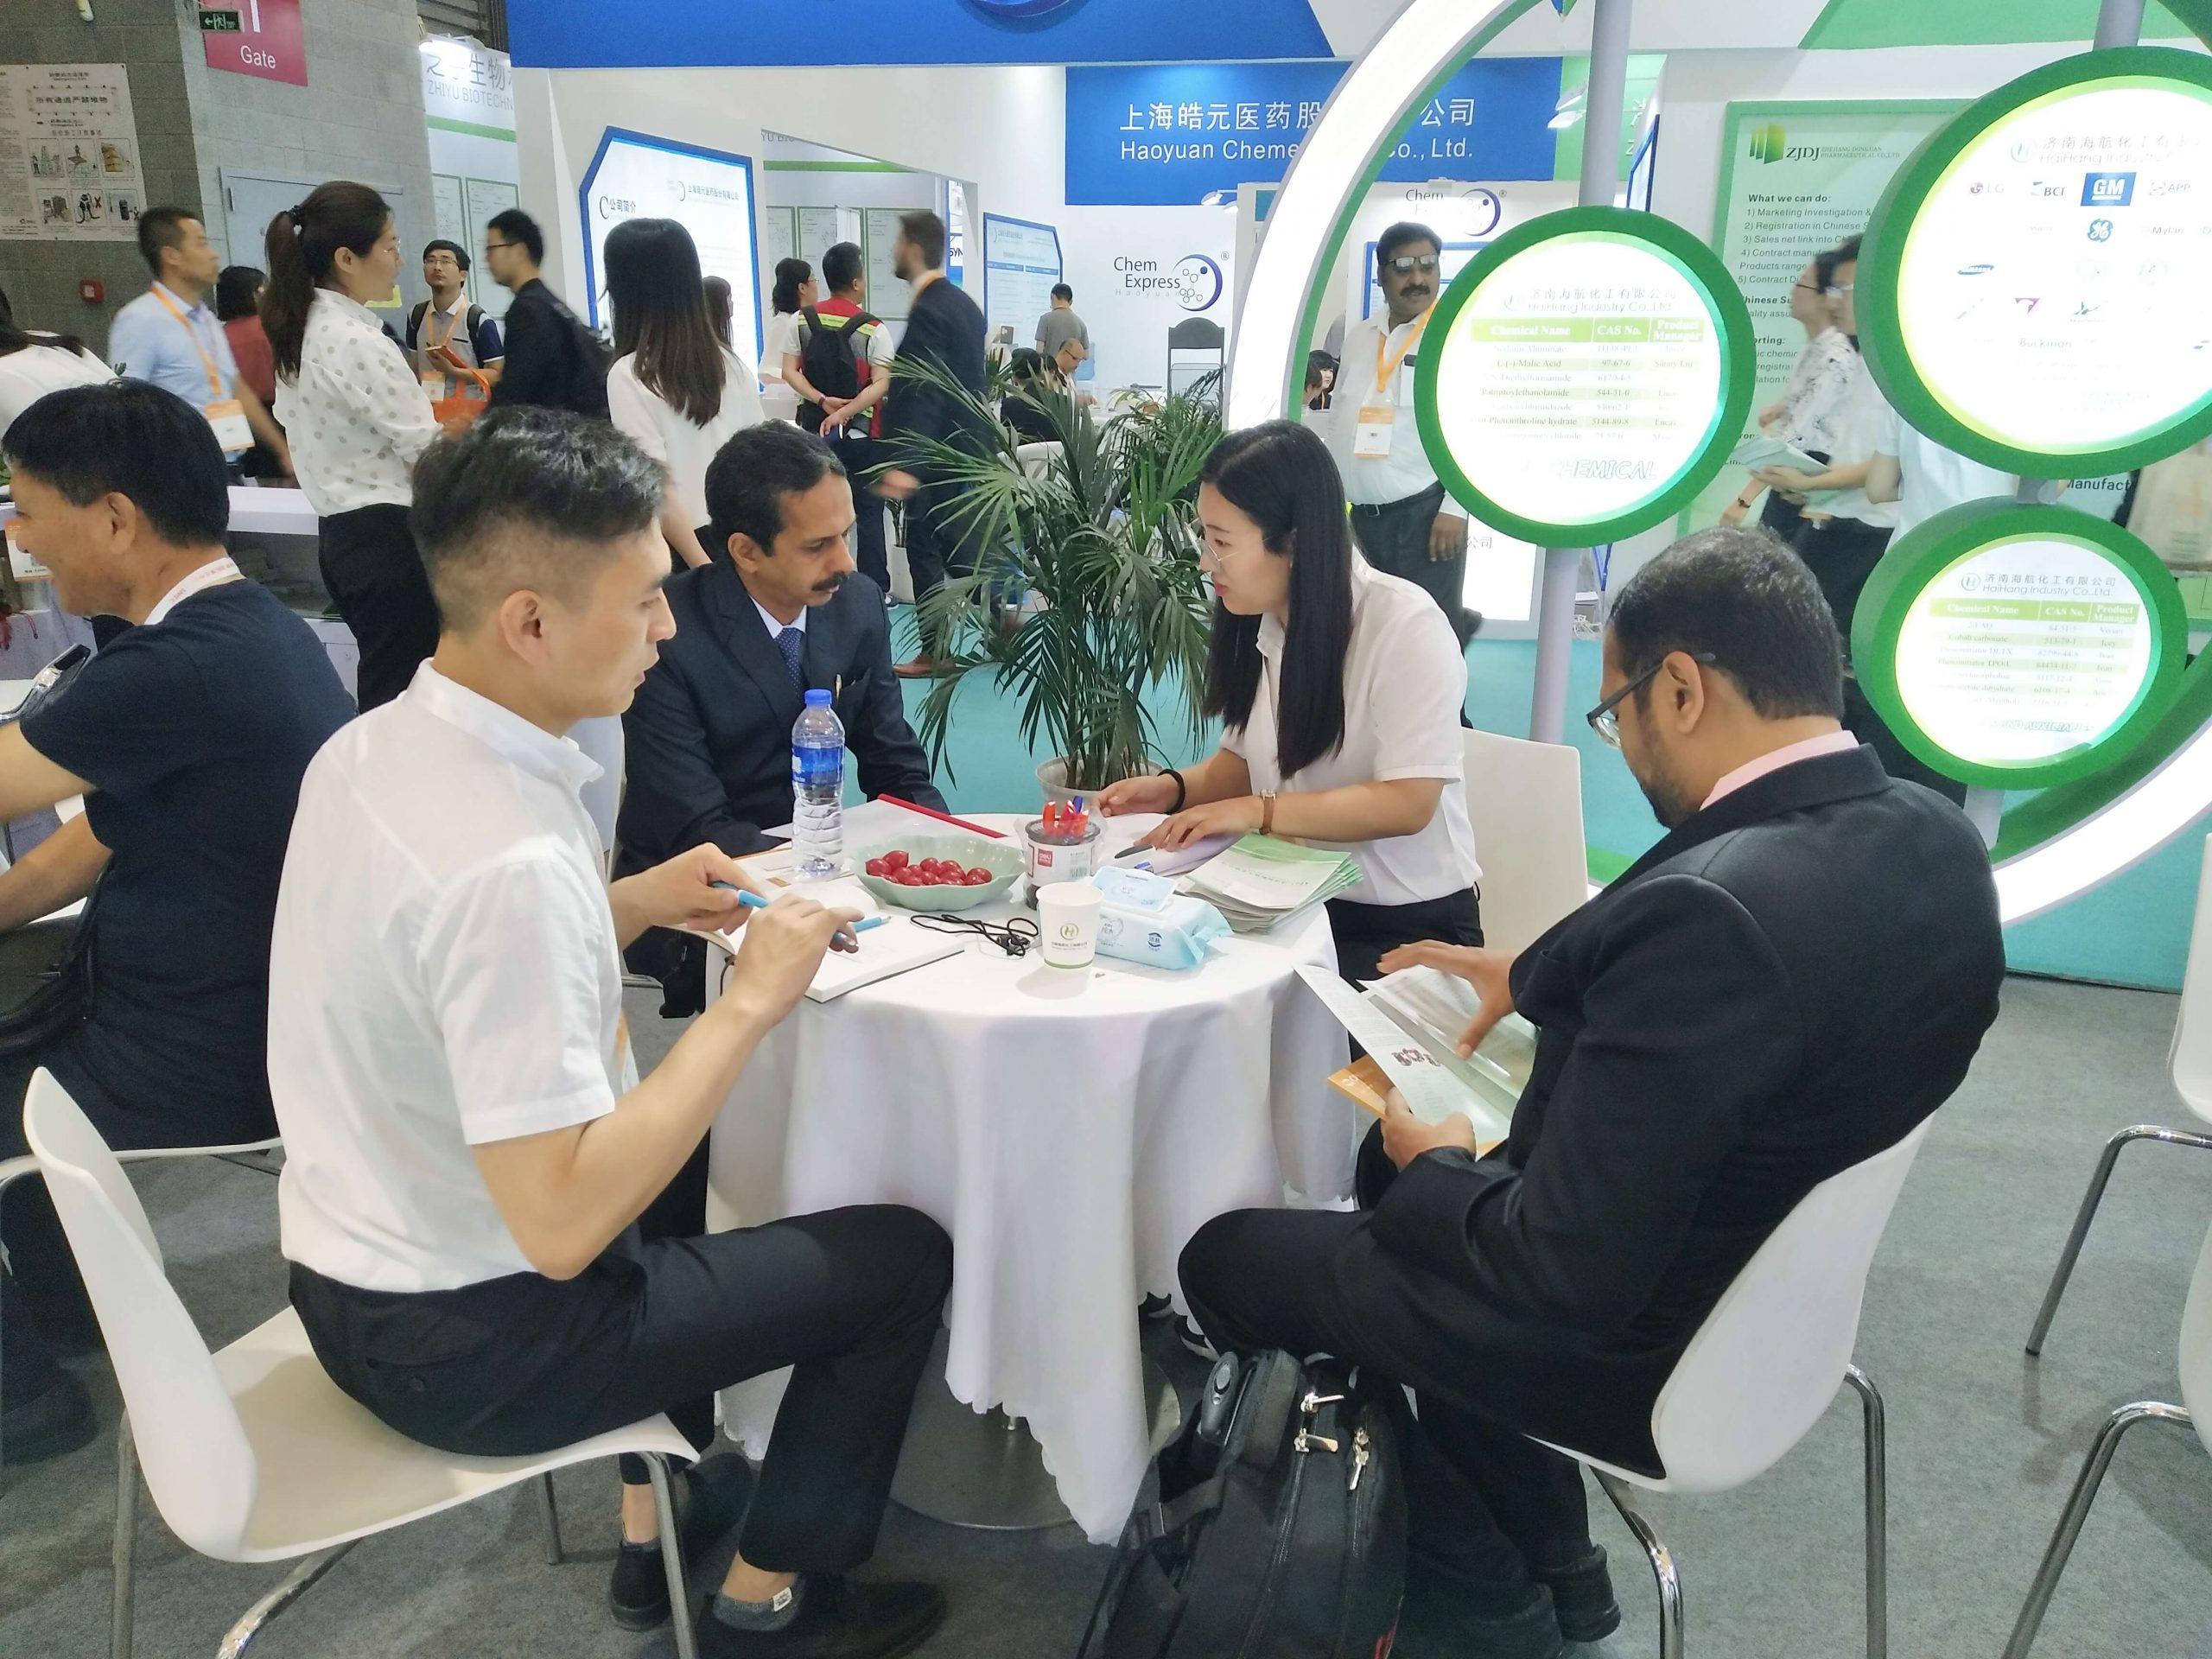 CPhI & P-MEC China 2019 (3)